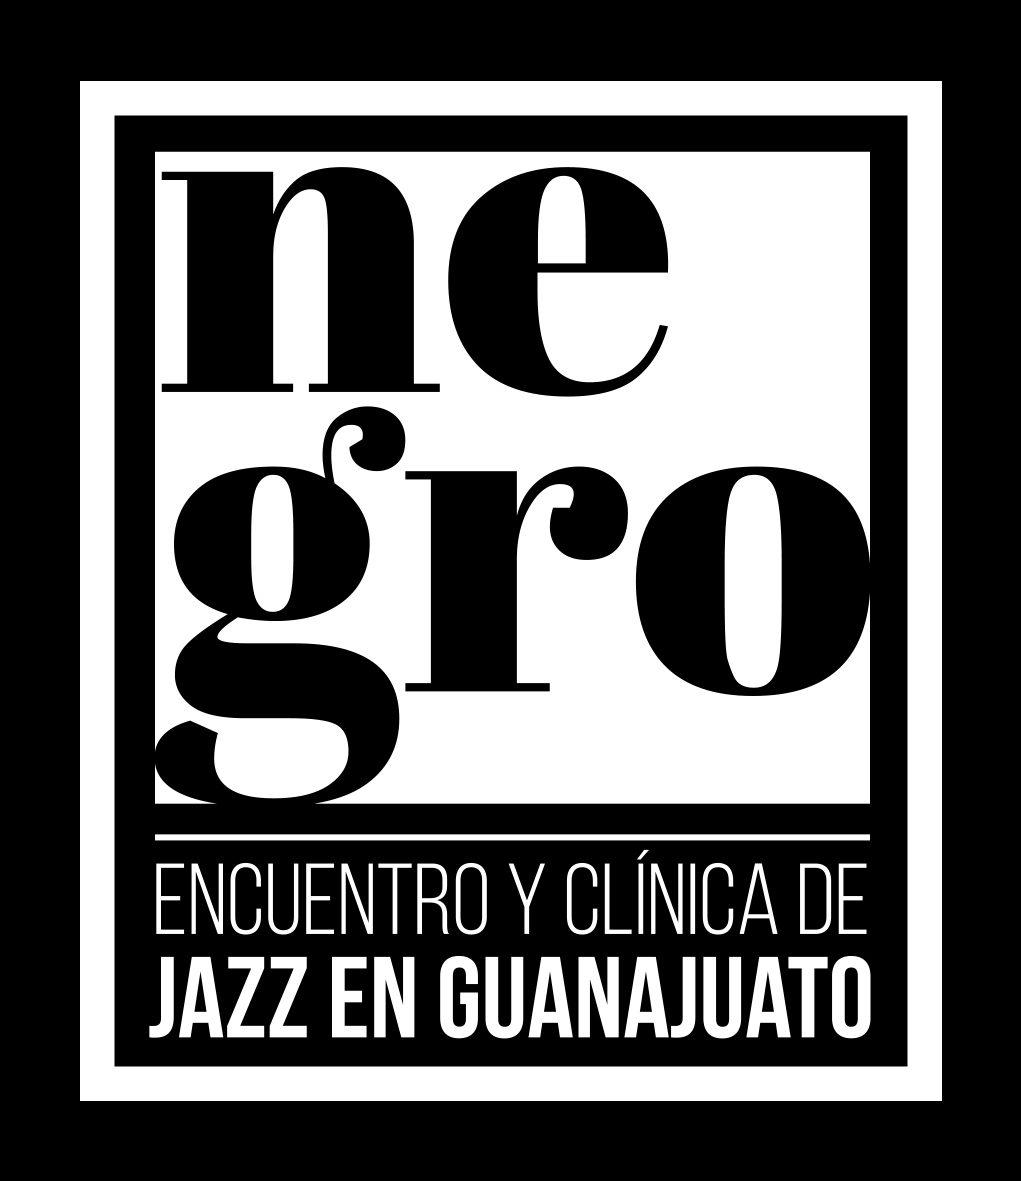 NEGRO, X Encuentro y Clínica de Jazz en Guanajuato